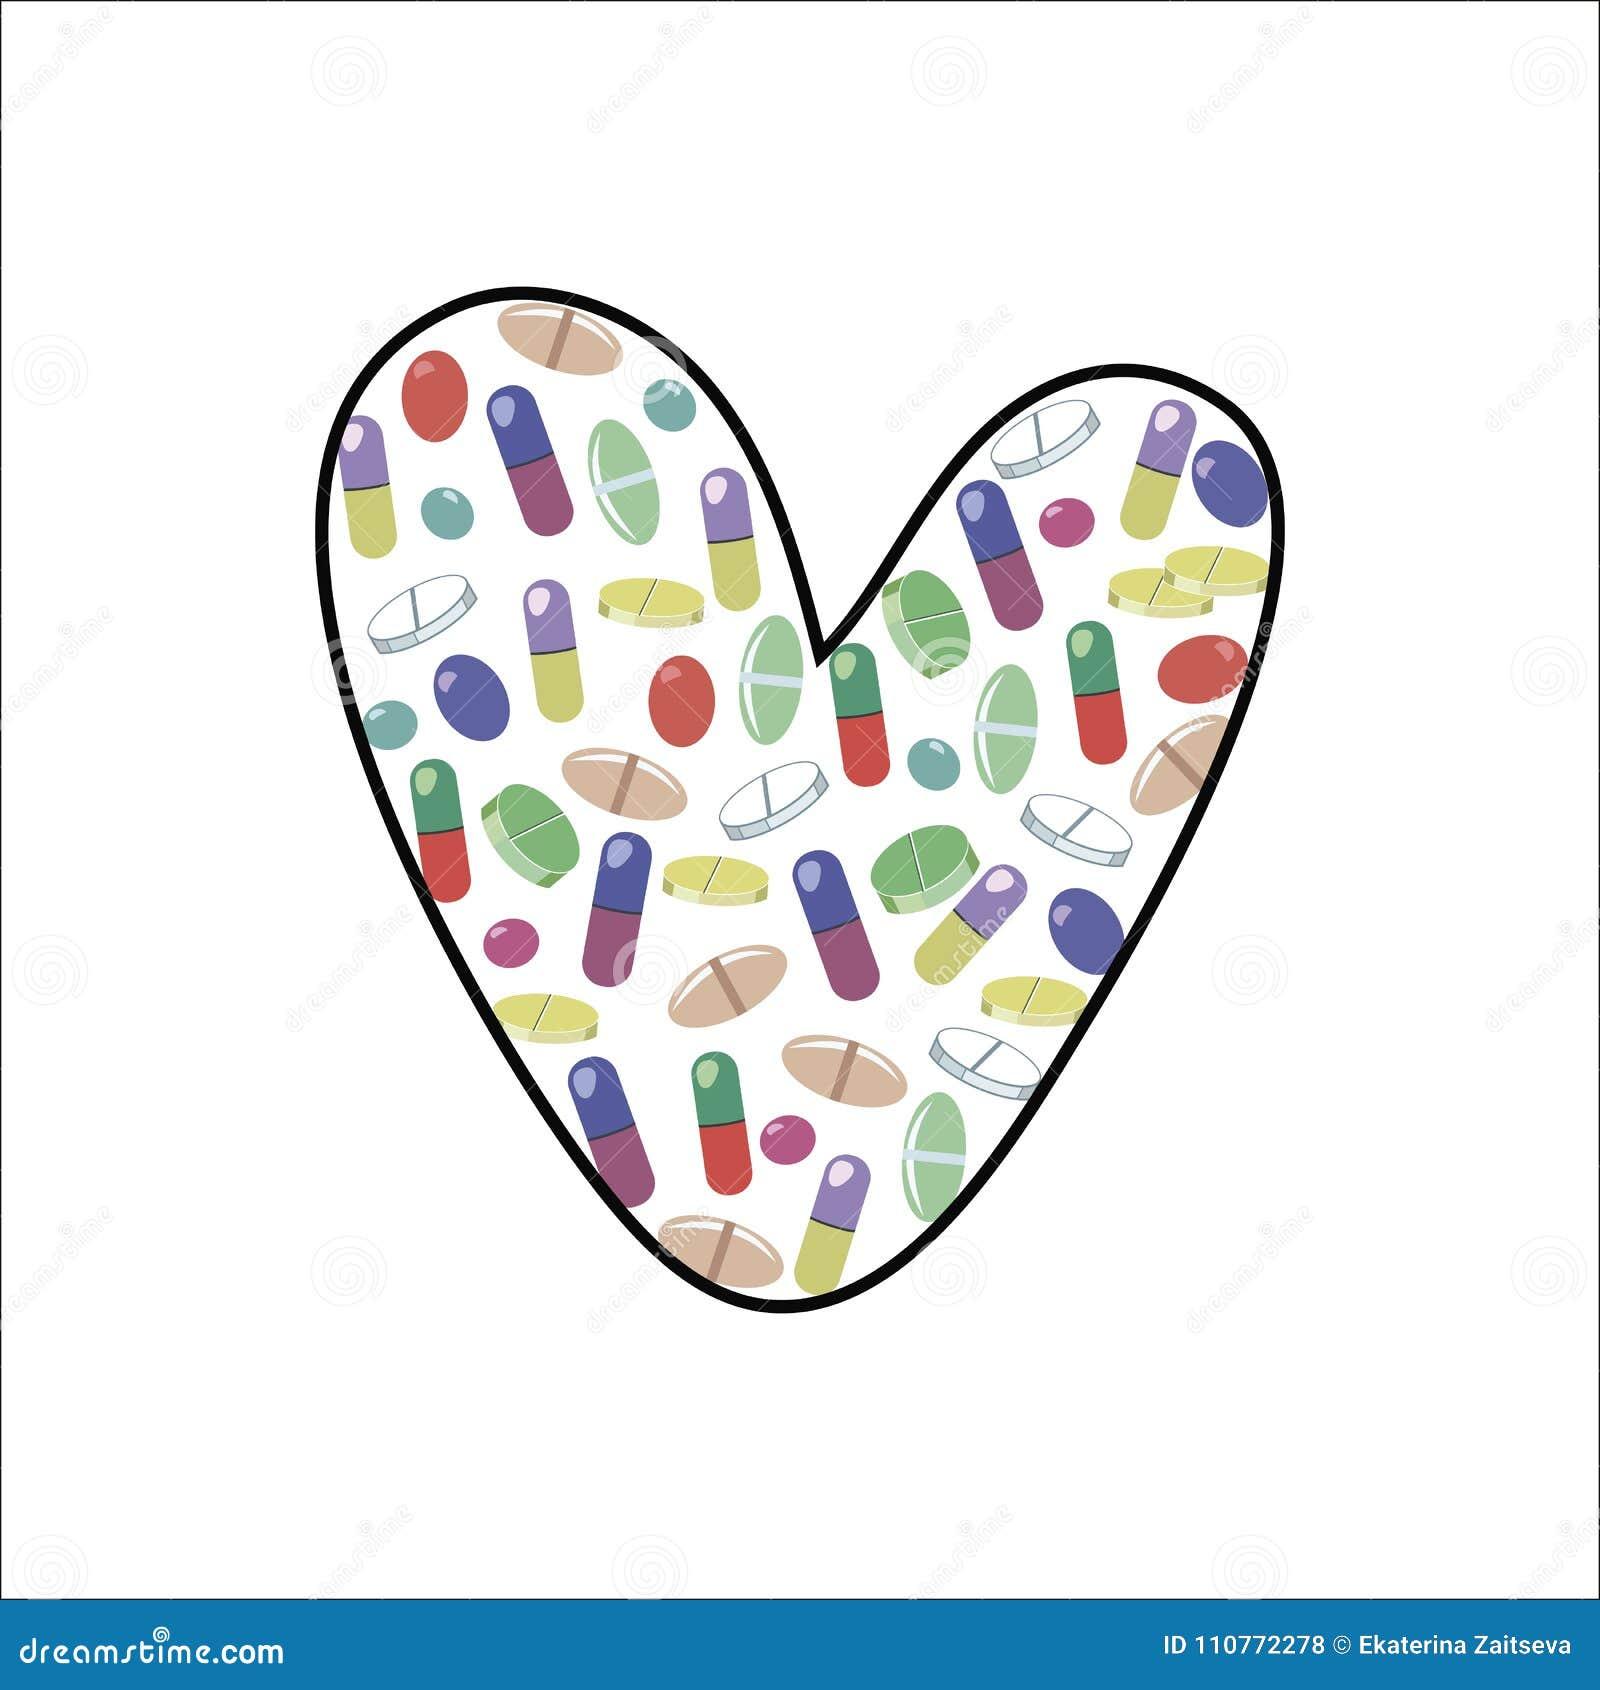 Φωτεινά πολύχρωμα μικρά ταμπλέτες και χάπια με μορφή μιας καρδιάς ή του γράμματος Λ